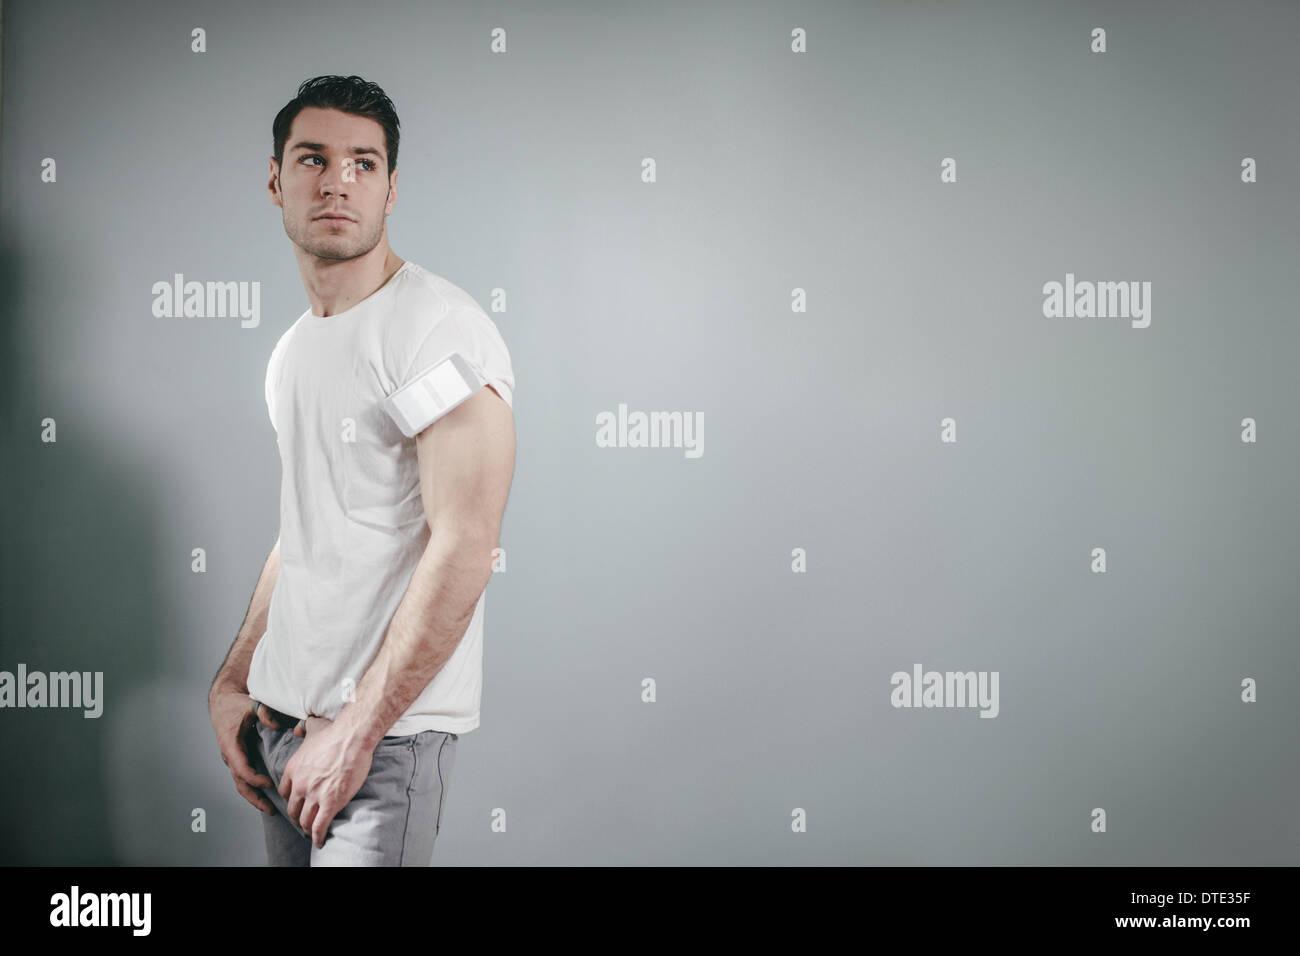 Teil der Serie zeigt verschiedene Möglichkeiten einer trägt eine Smartphone, gefaltet im T-shirt Ärmel Oldschool Stil. Stockbild